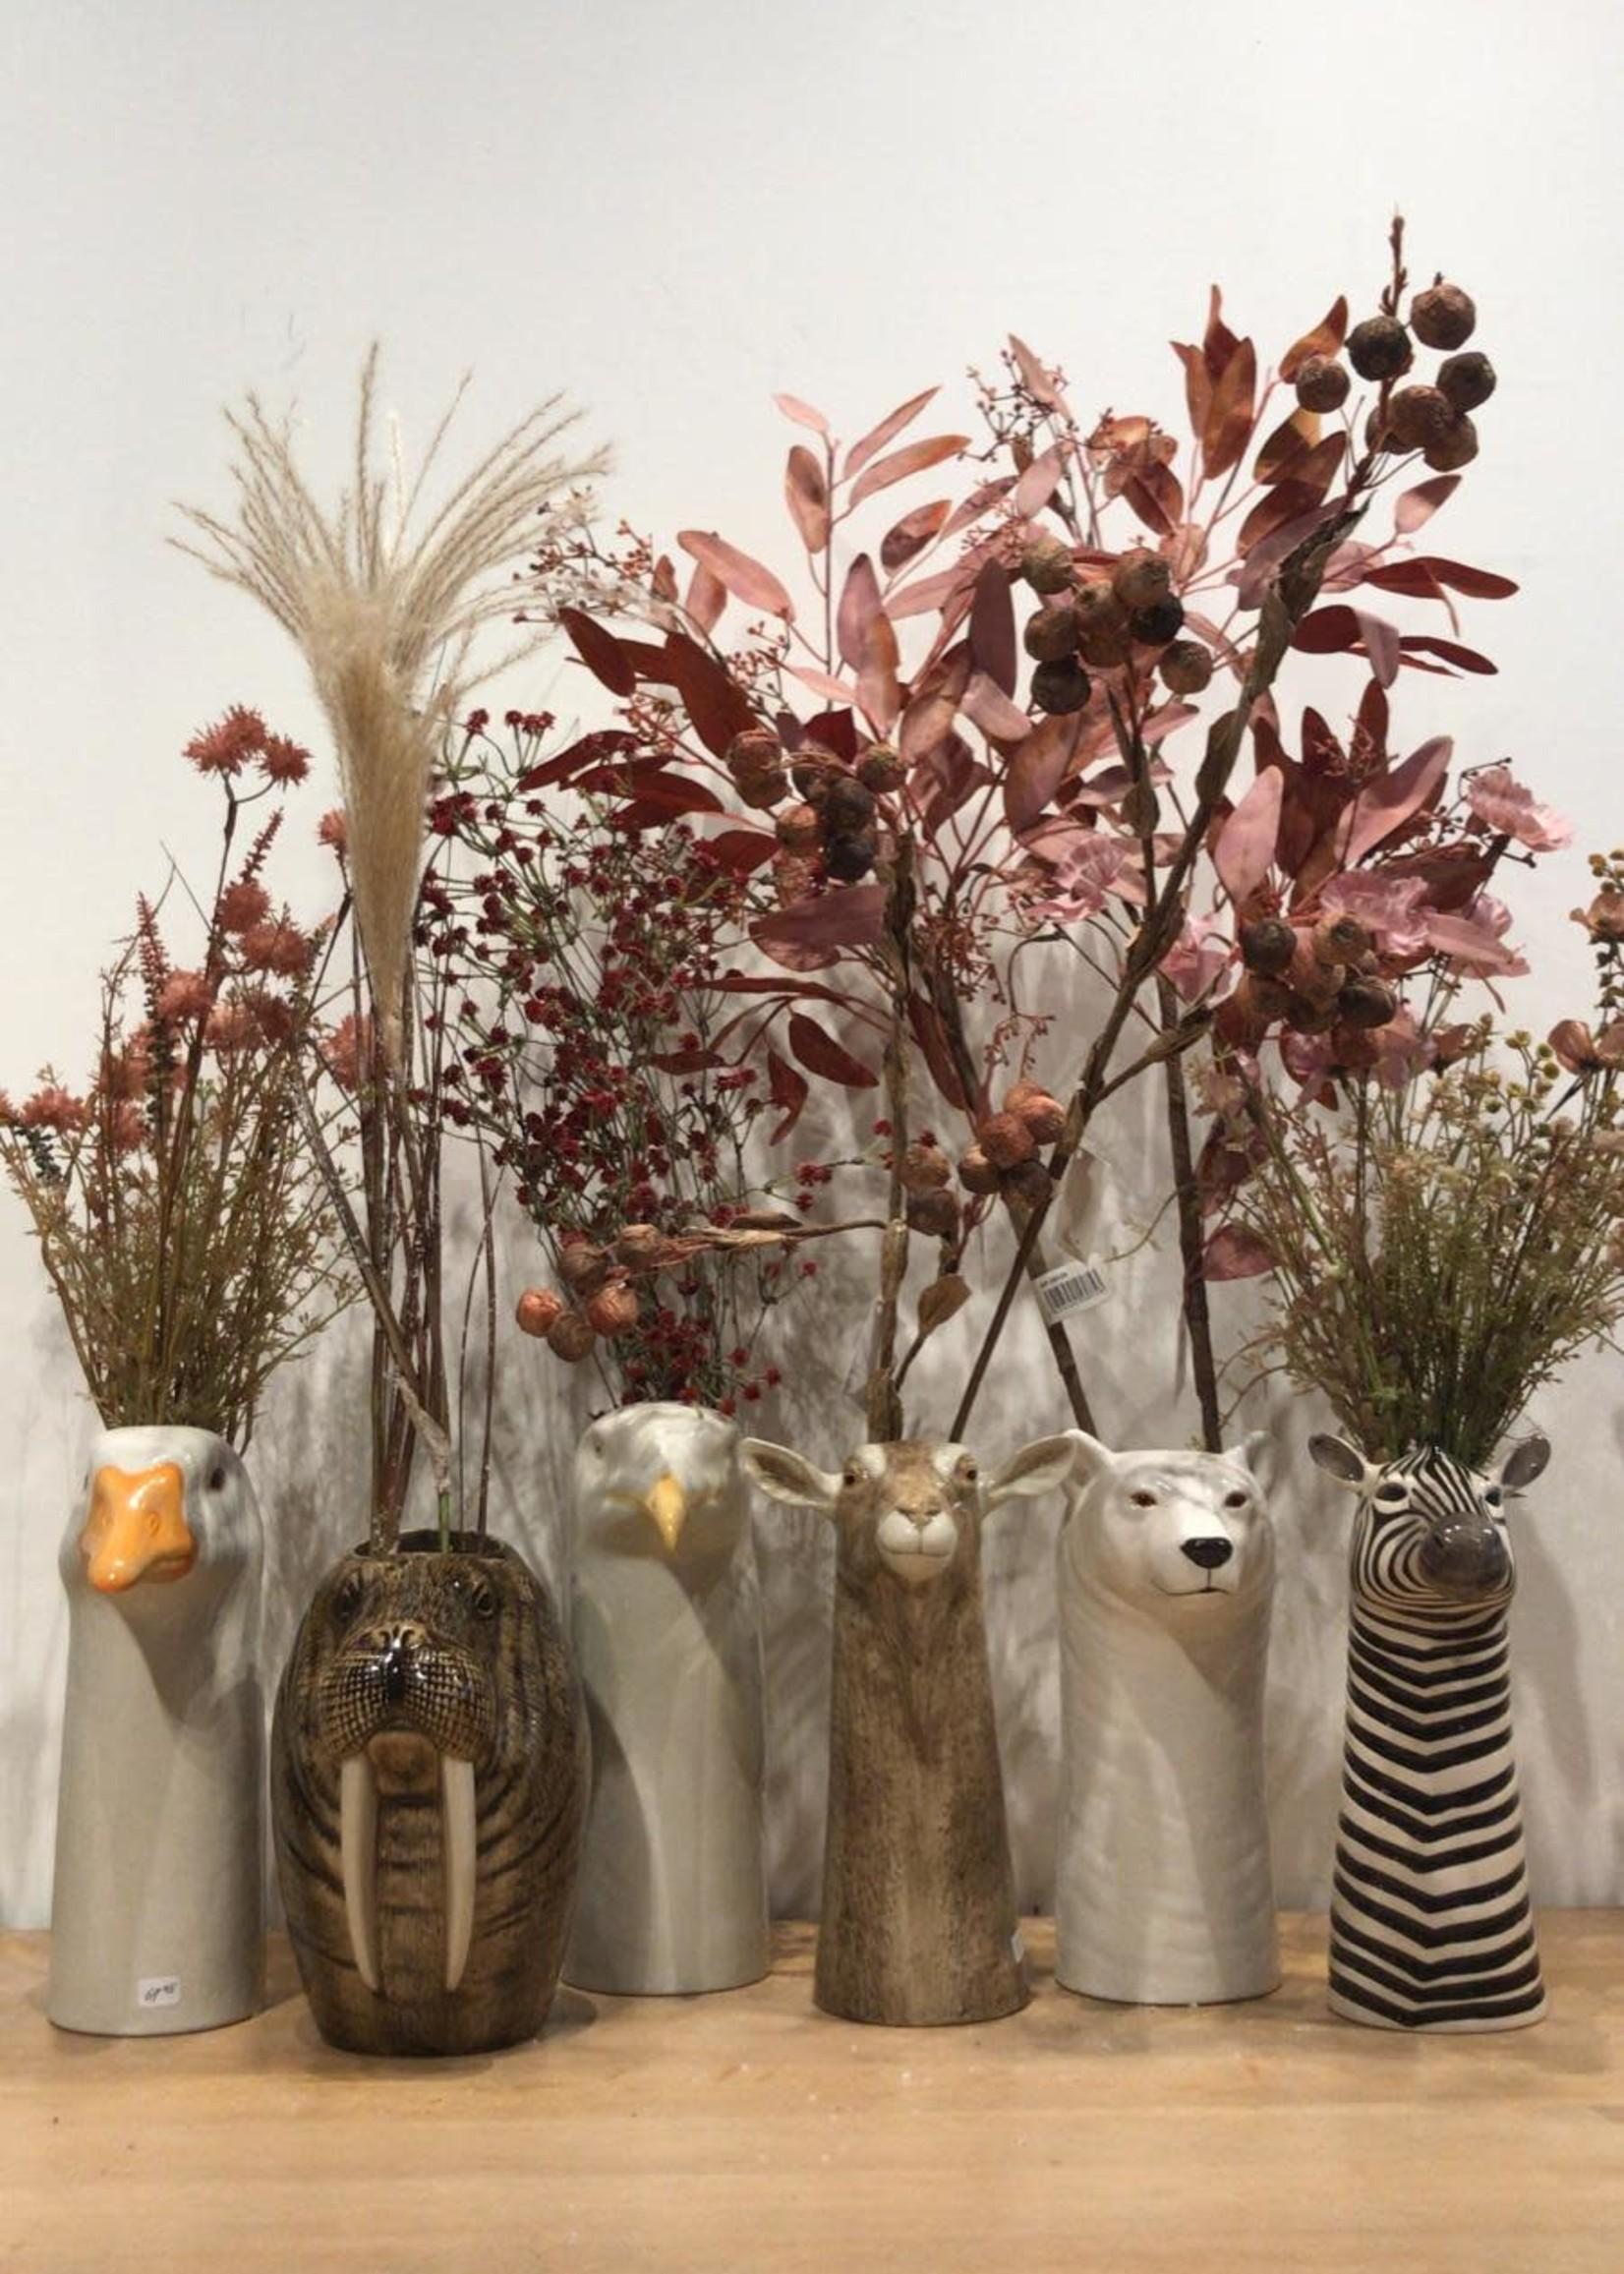 Goodwill Zijden bloemen GRAS sprieten met PLUIMEN 114 cm